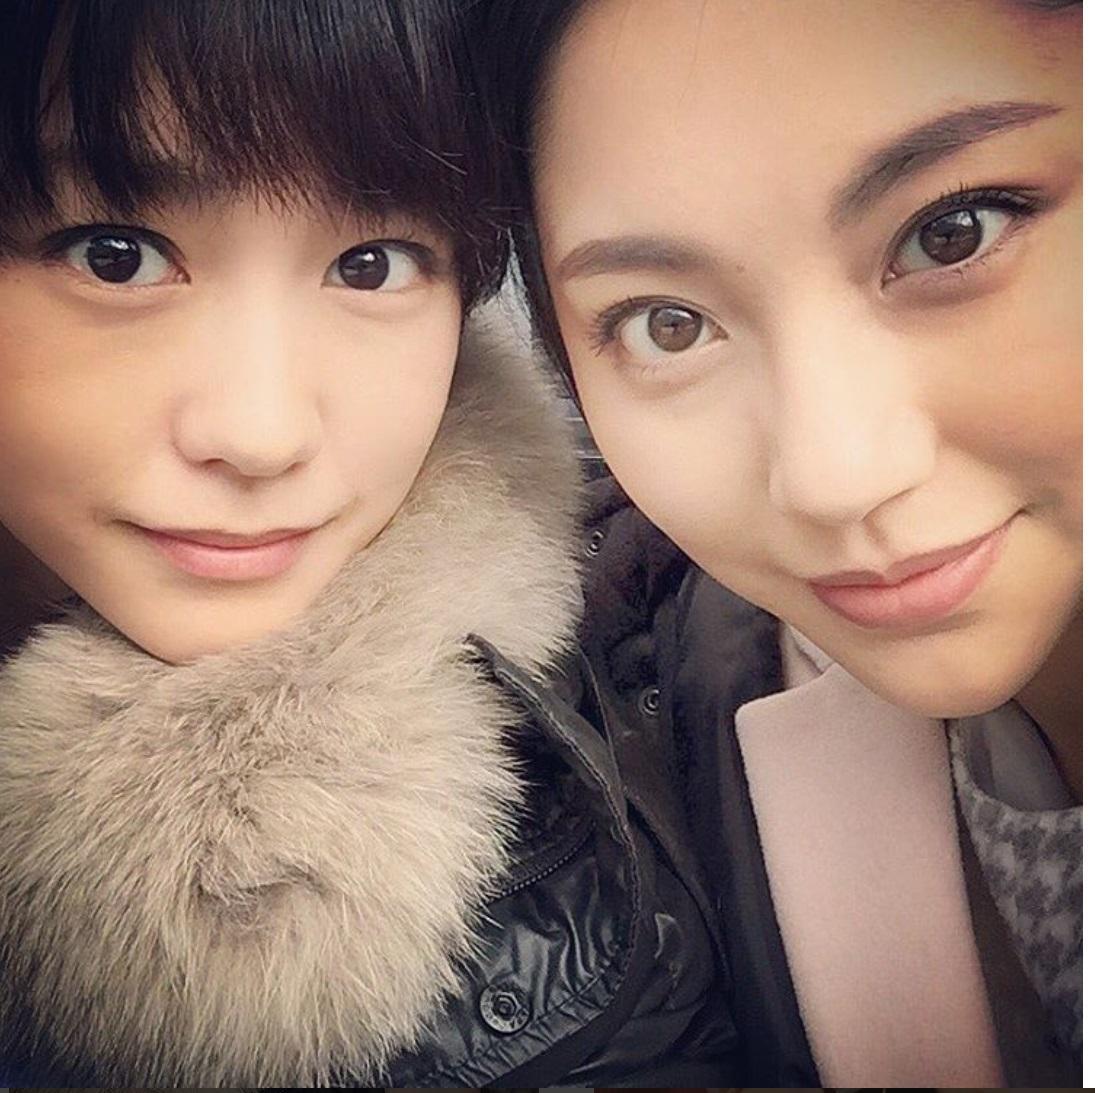 桐谷美玲 水沢エレナとの「美女のドアップ」写真公開